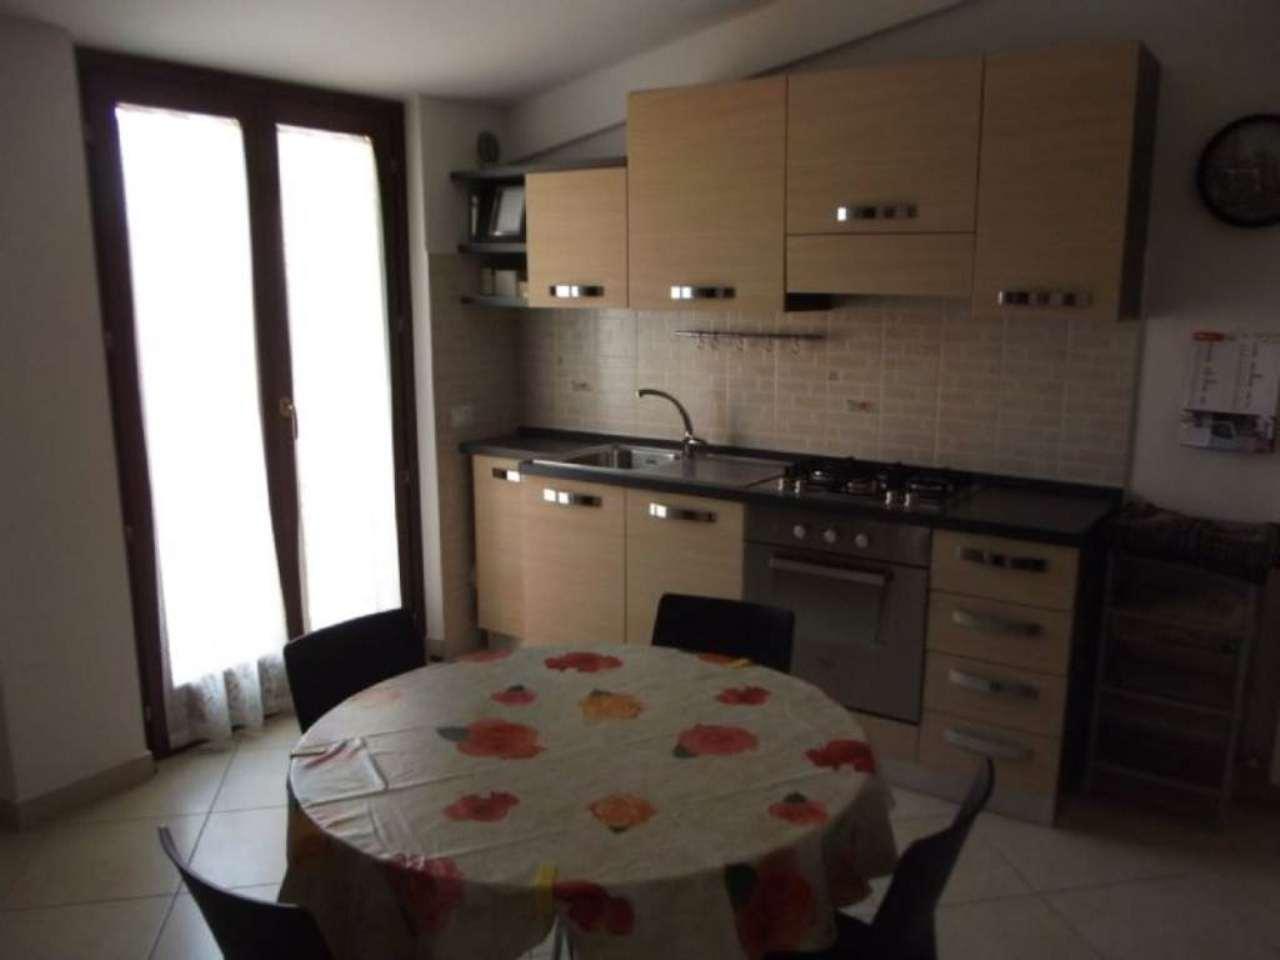 Attico / Mansarda in vendita a Tortoreto, 3 locali, prezzo € 110.000 | Cambio Casa.it